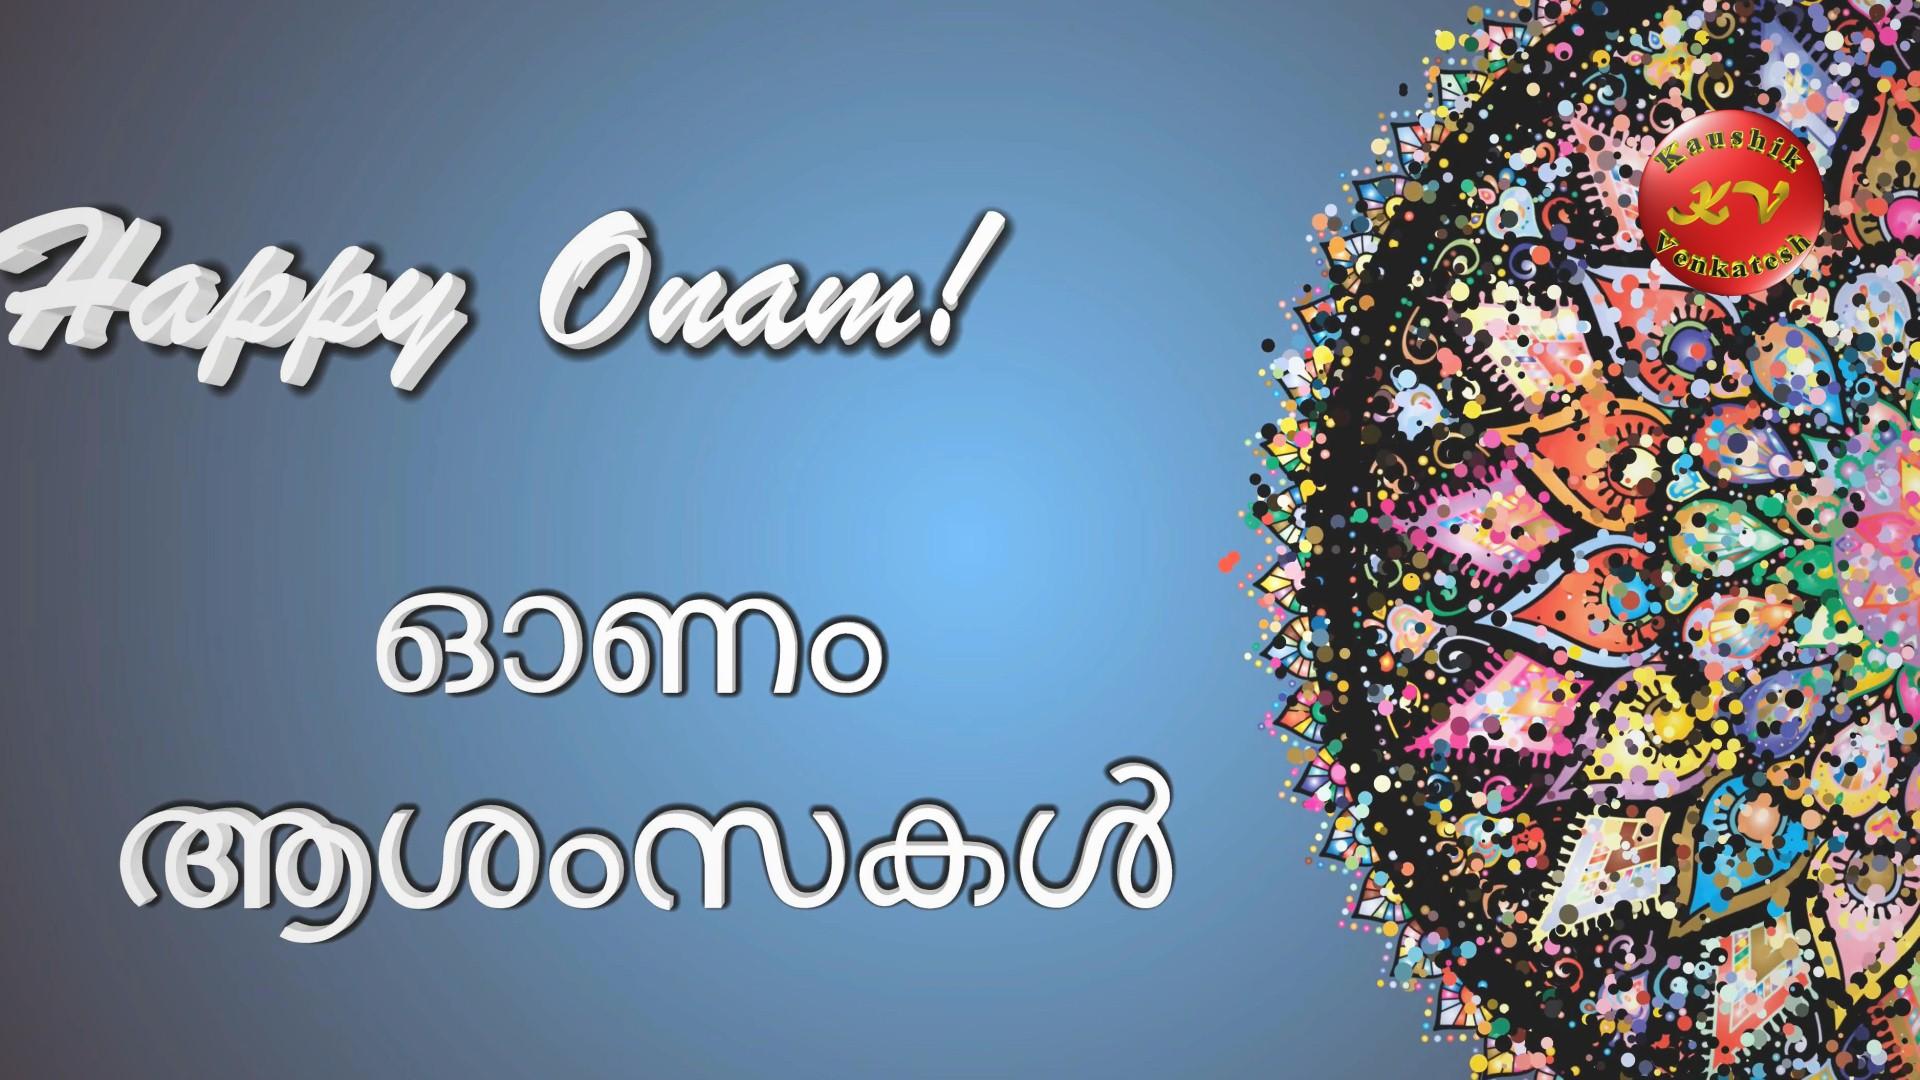 Image of Happy Onam Wishes 2021